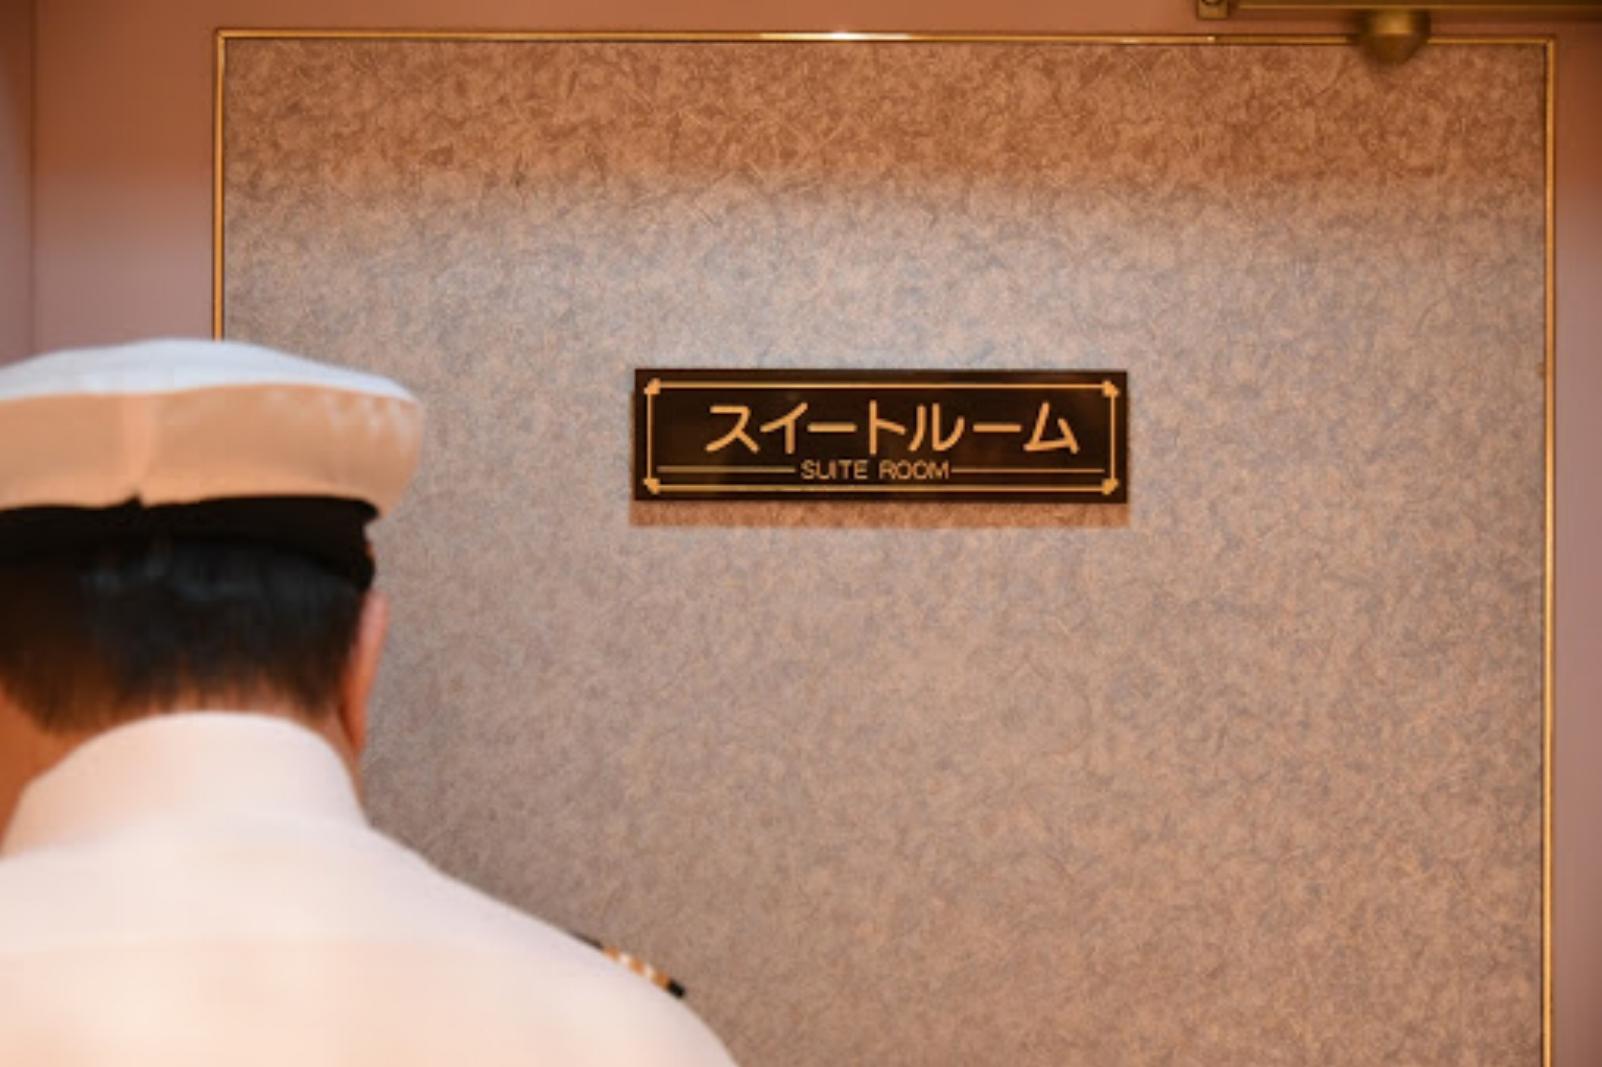 スイートルームのドア